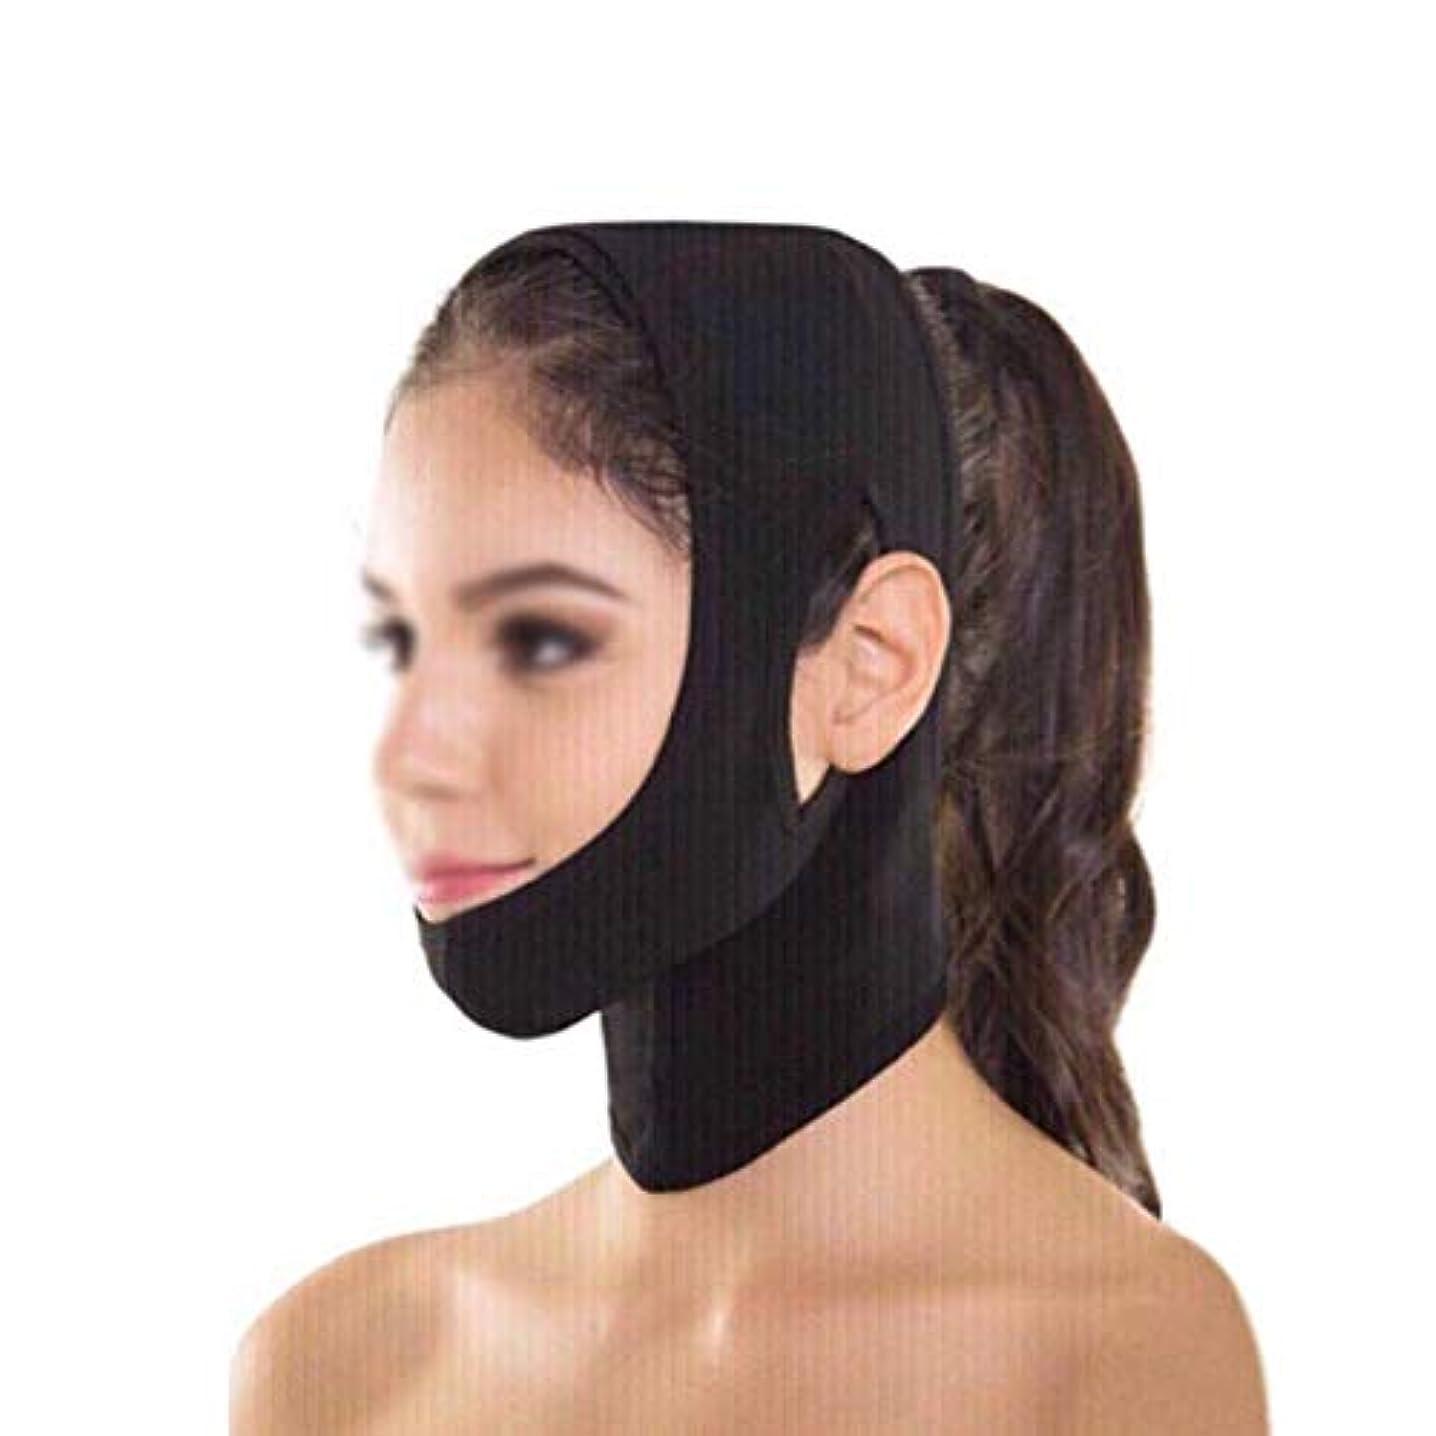 憂慮すべき艶ホストフェイスリフティングバンデージ、フェイスリフティングマスク、顔面の首と首を持ち上げる、顔を持ち上げて二重あごを減らす(フリーサイズ)(カラー:カーキ色),ブラック